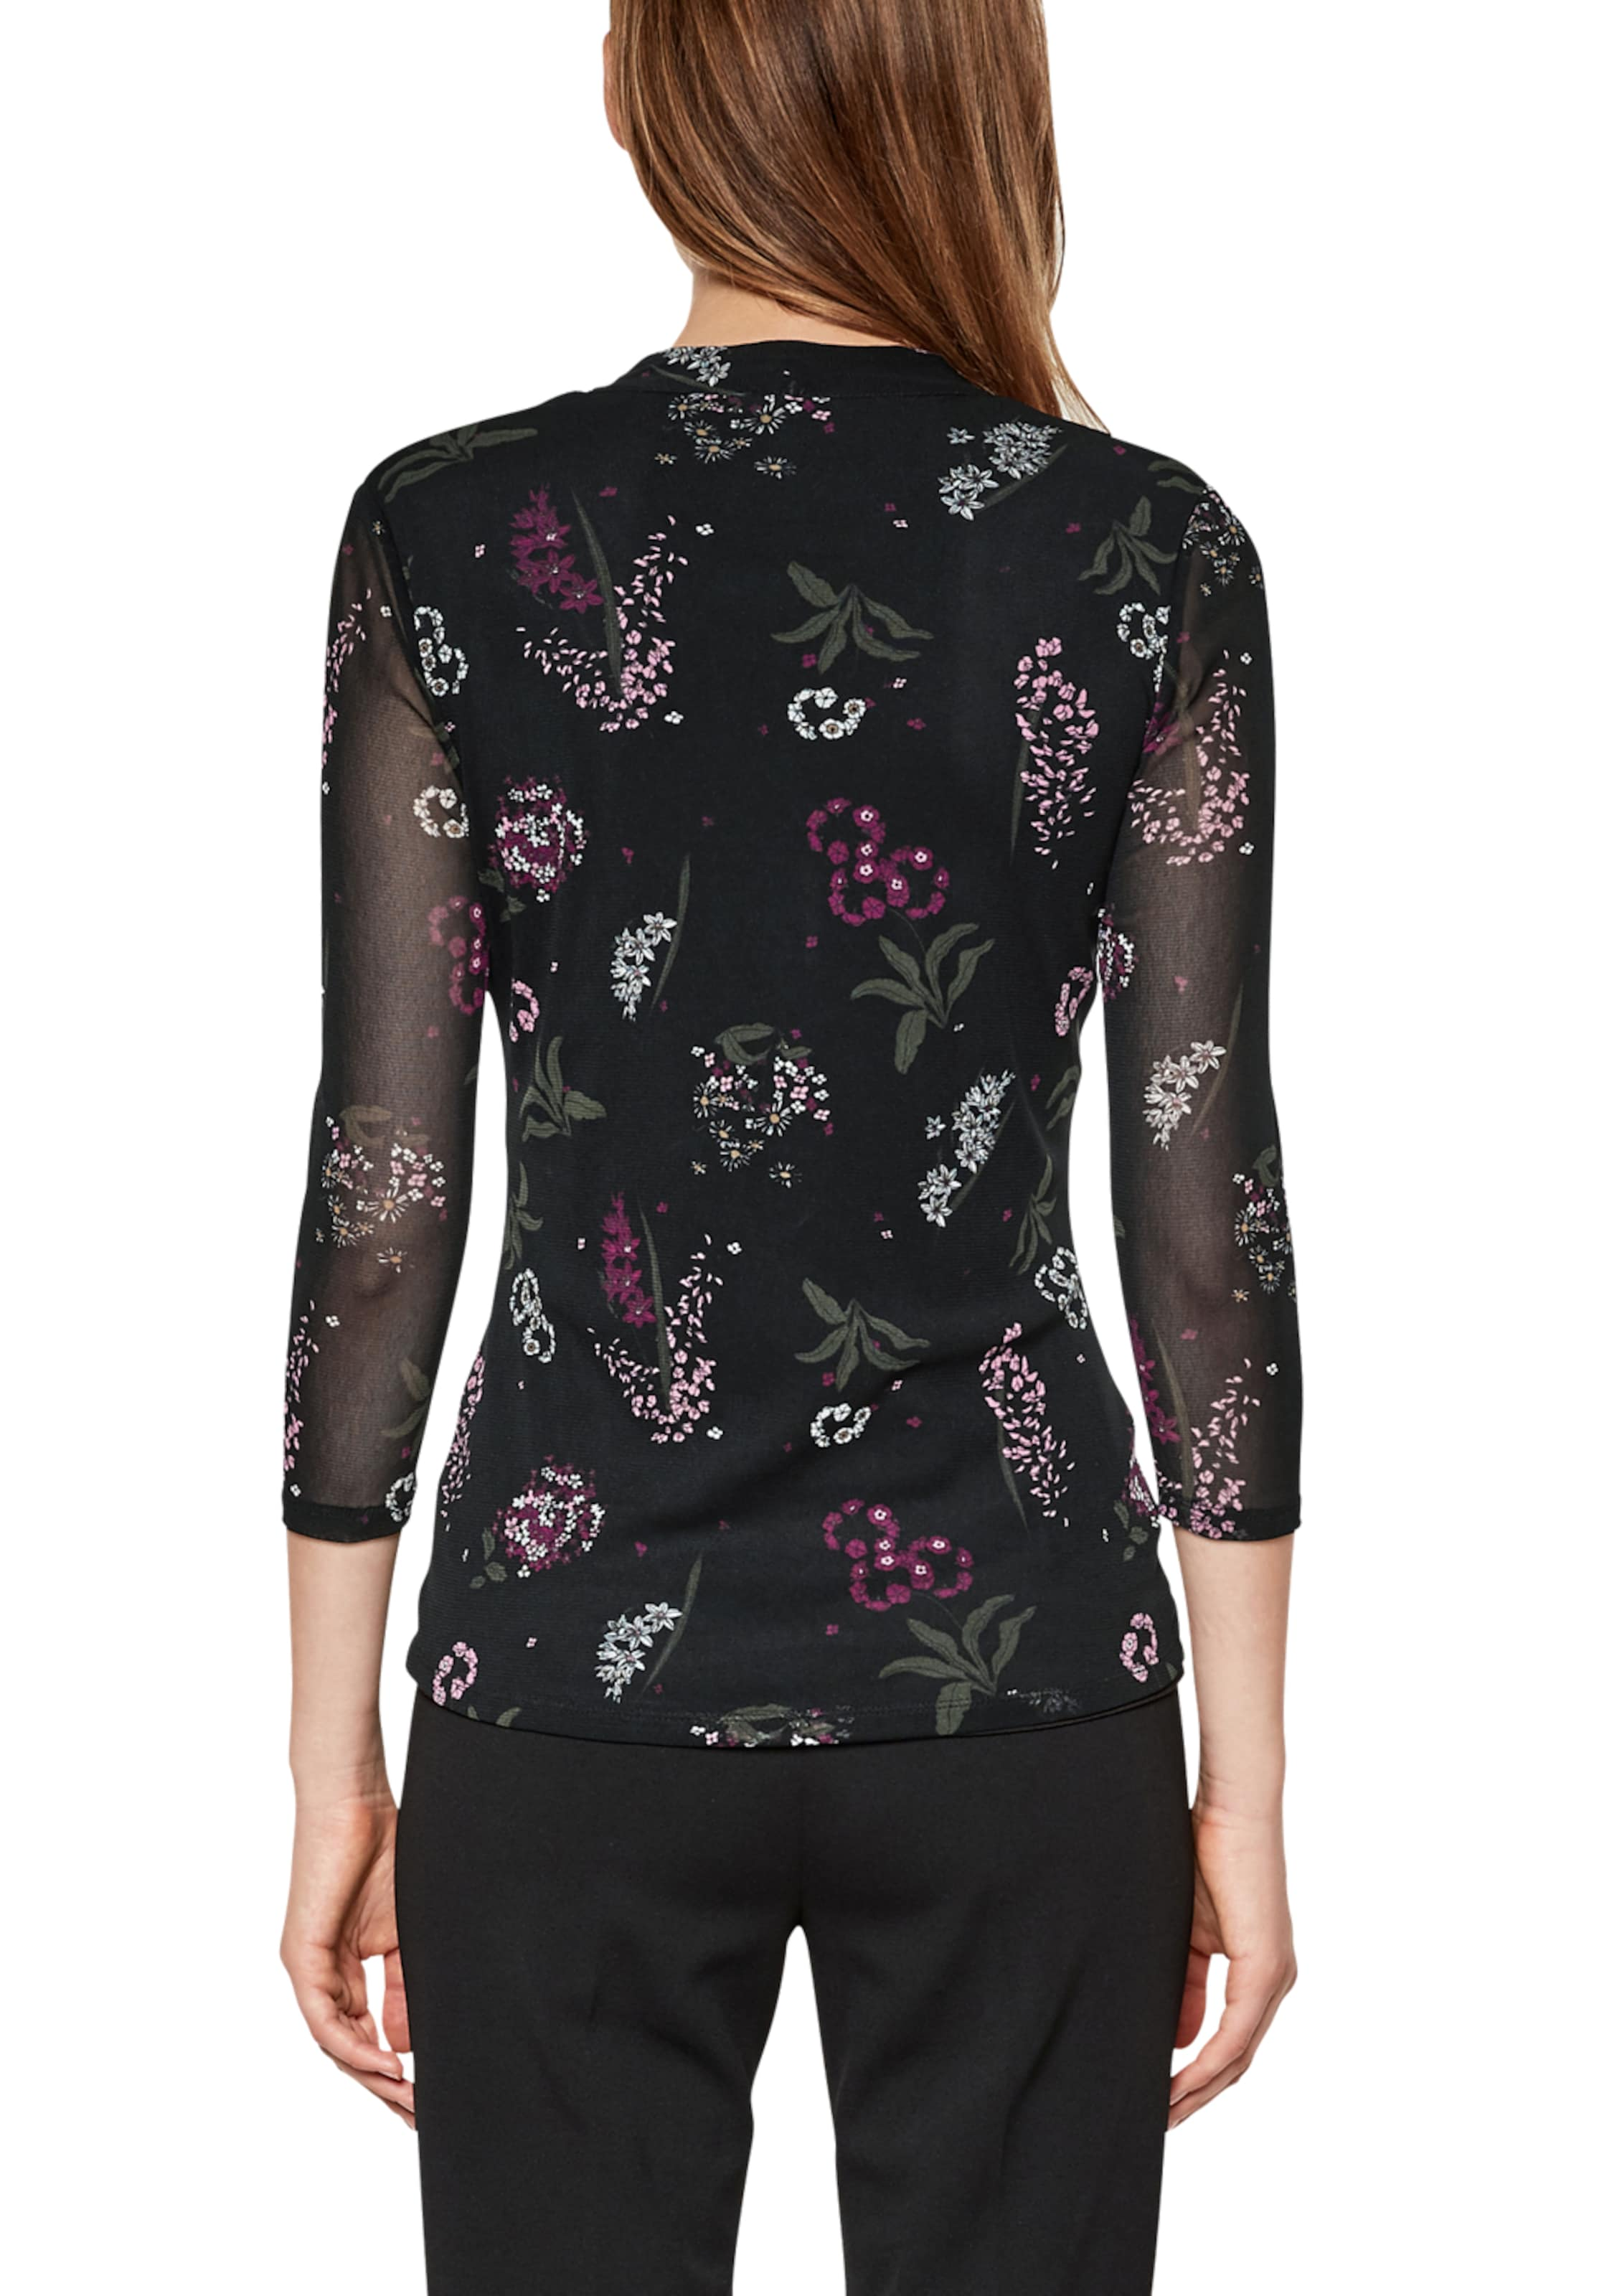 PinkSchwarz Label In Black S oliver Shirt eQBoWrxdCE